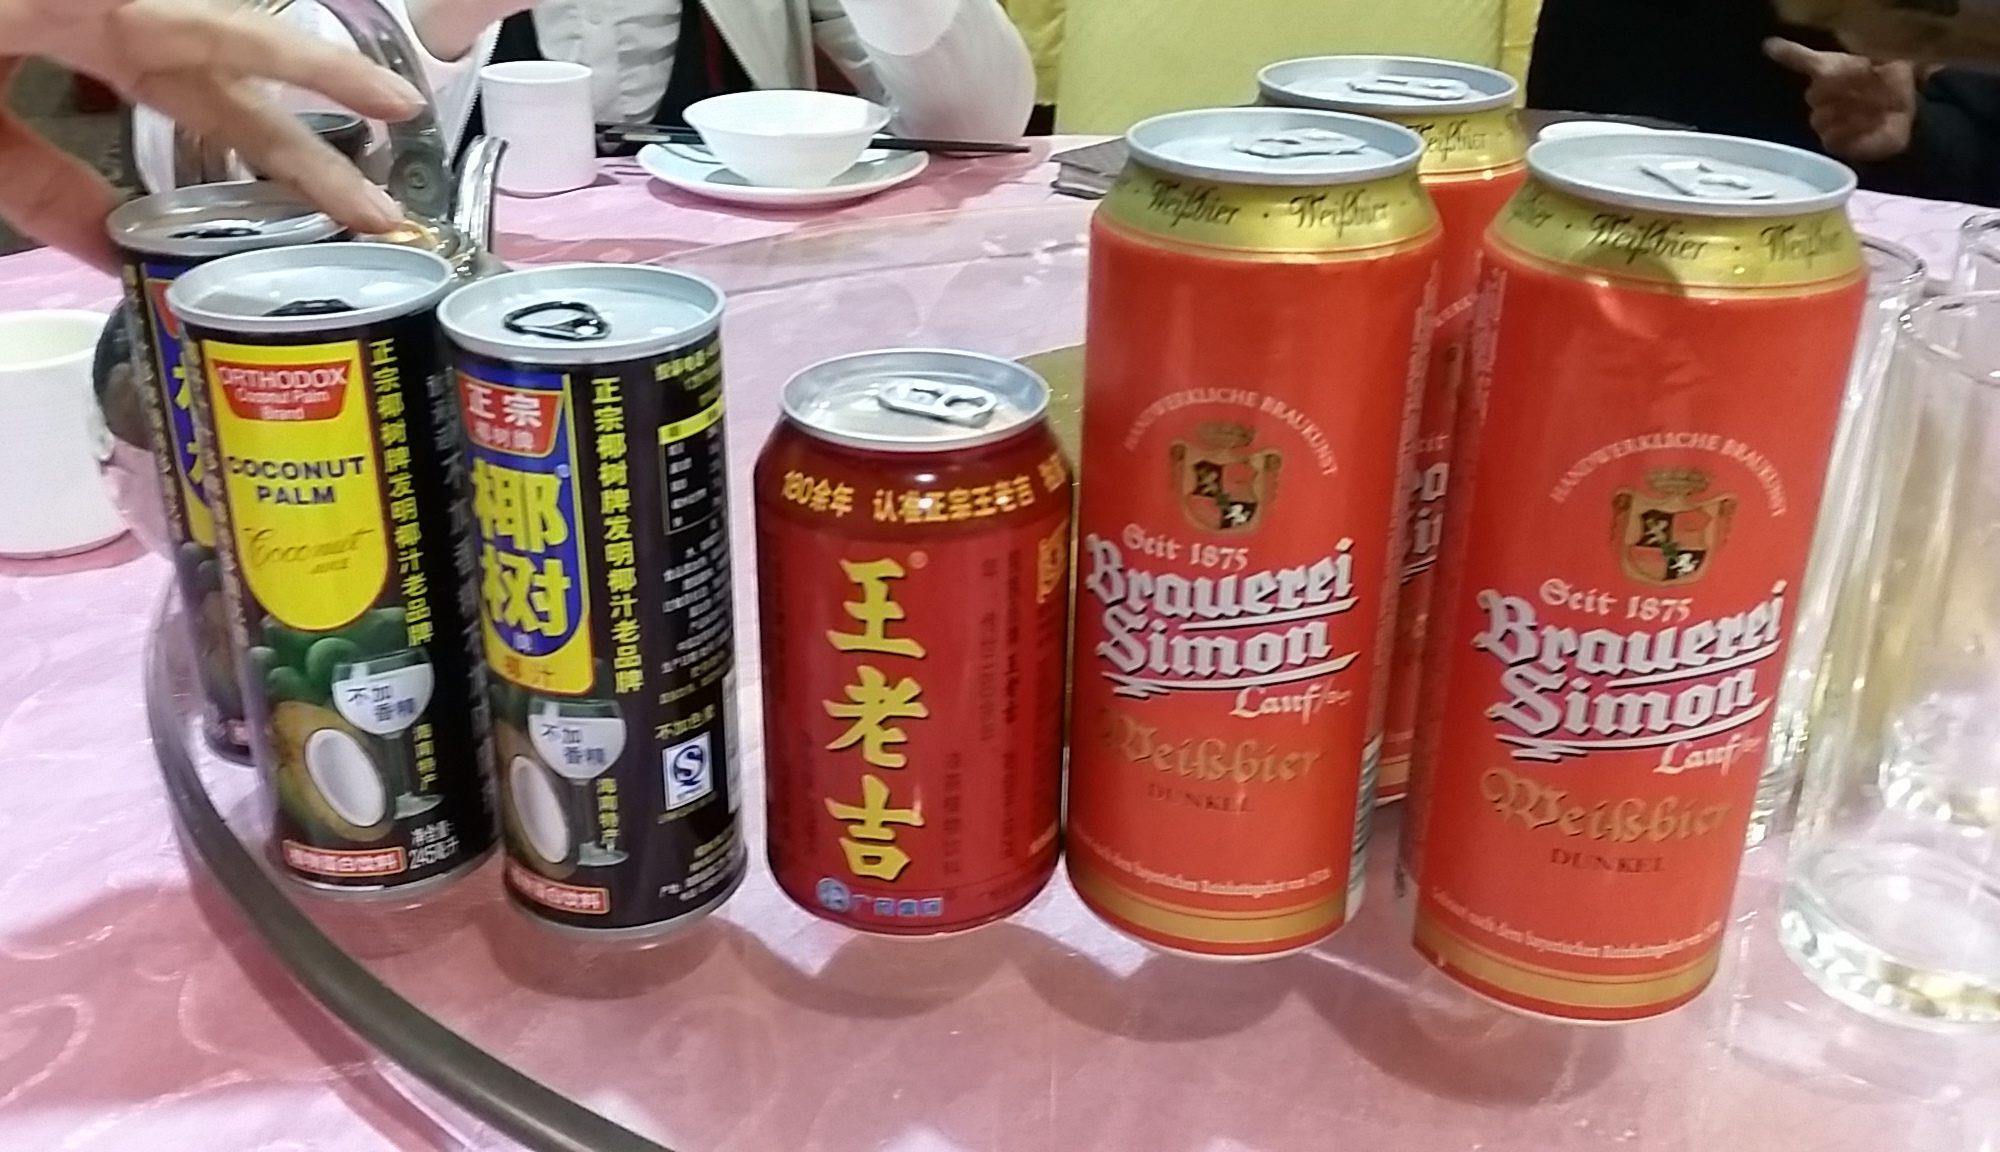 注文した飲物は全て生温かい状態で提供されます。